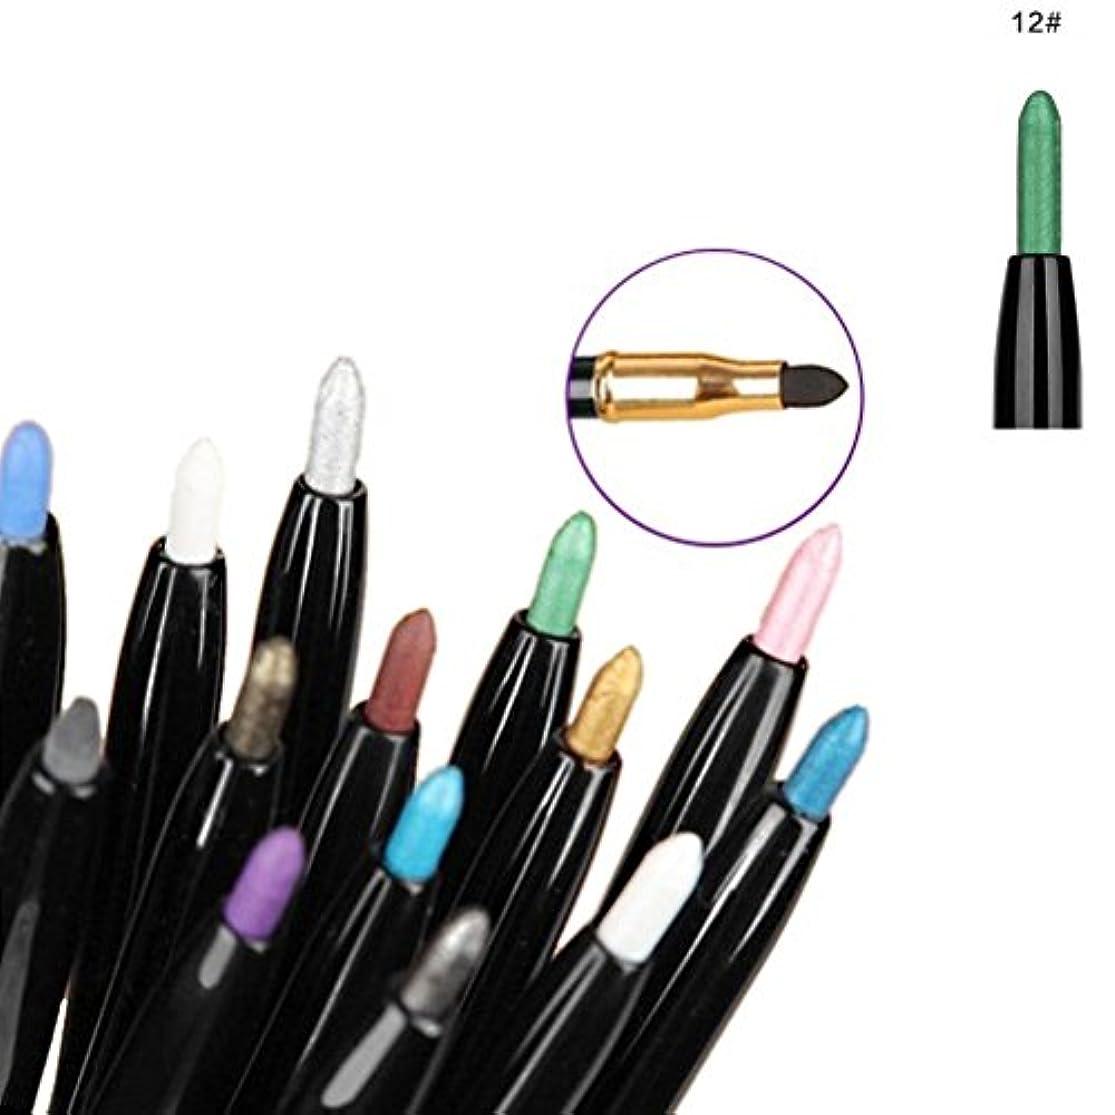 あらゆる種類の安西粘着性MakeupAcc両端自動回転アイライナー パールアイシャドウペン ウォータープルーフ涙袋筆 ハイライトアイシャドー (パールグリーン) [並行輸入品]